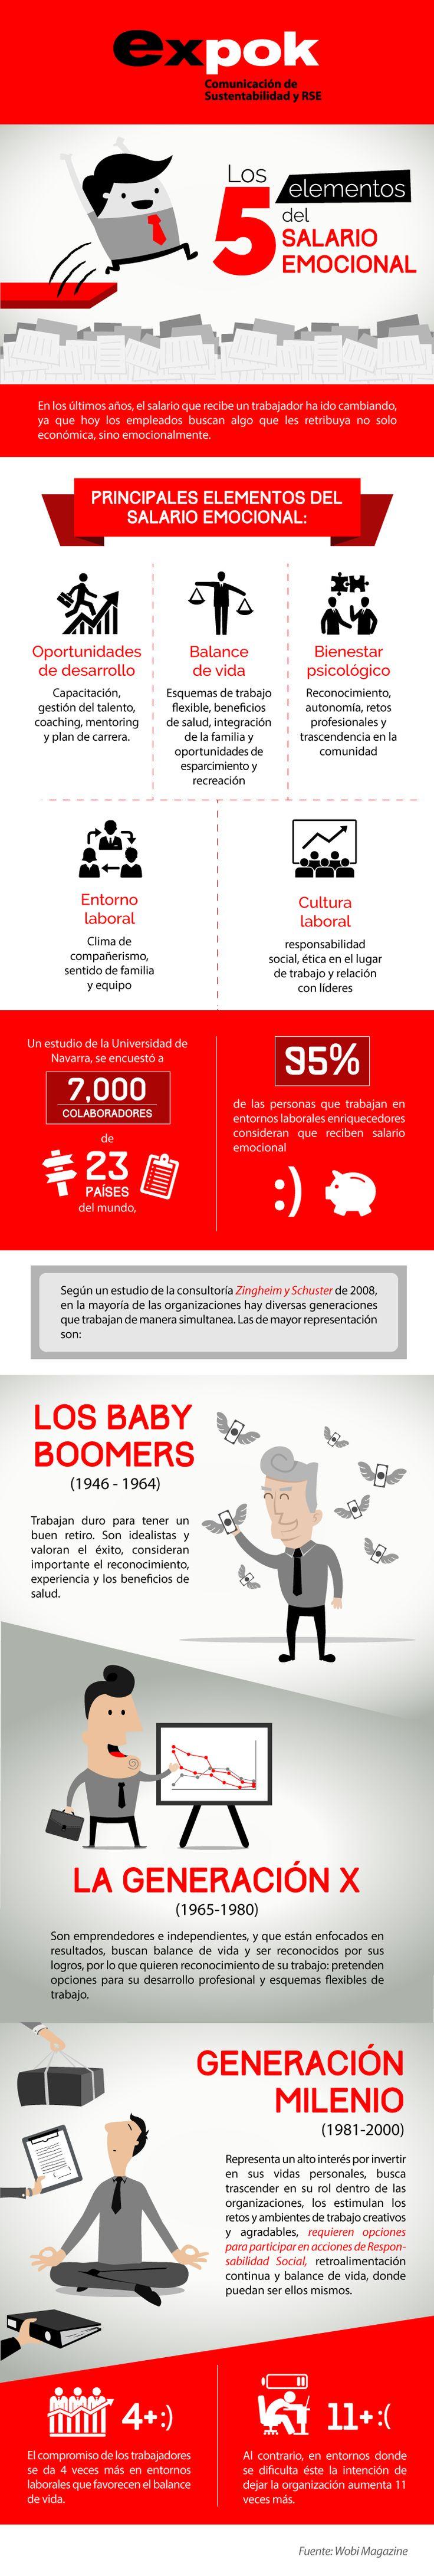 Los 5 elementos del salario emocional #infografia #infographic #rrhh - http://kcy.me/1r7iy